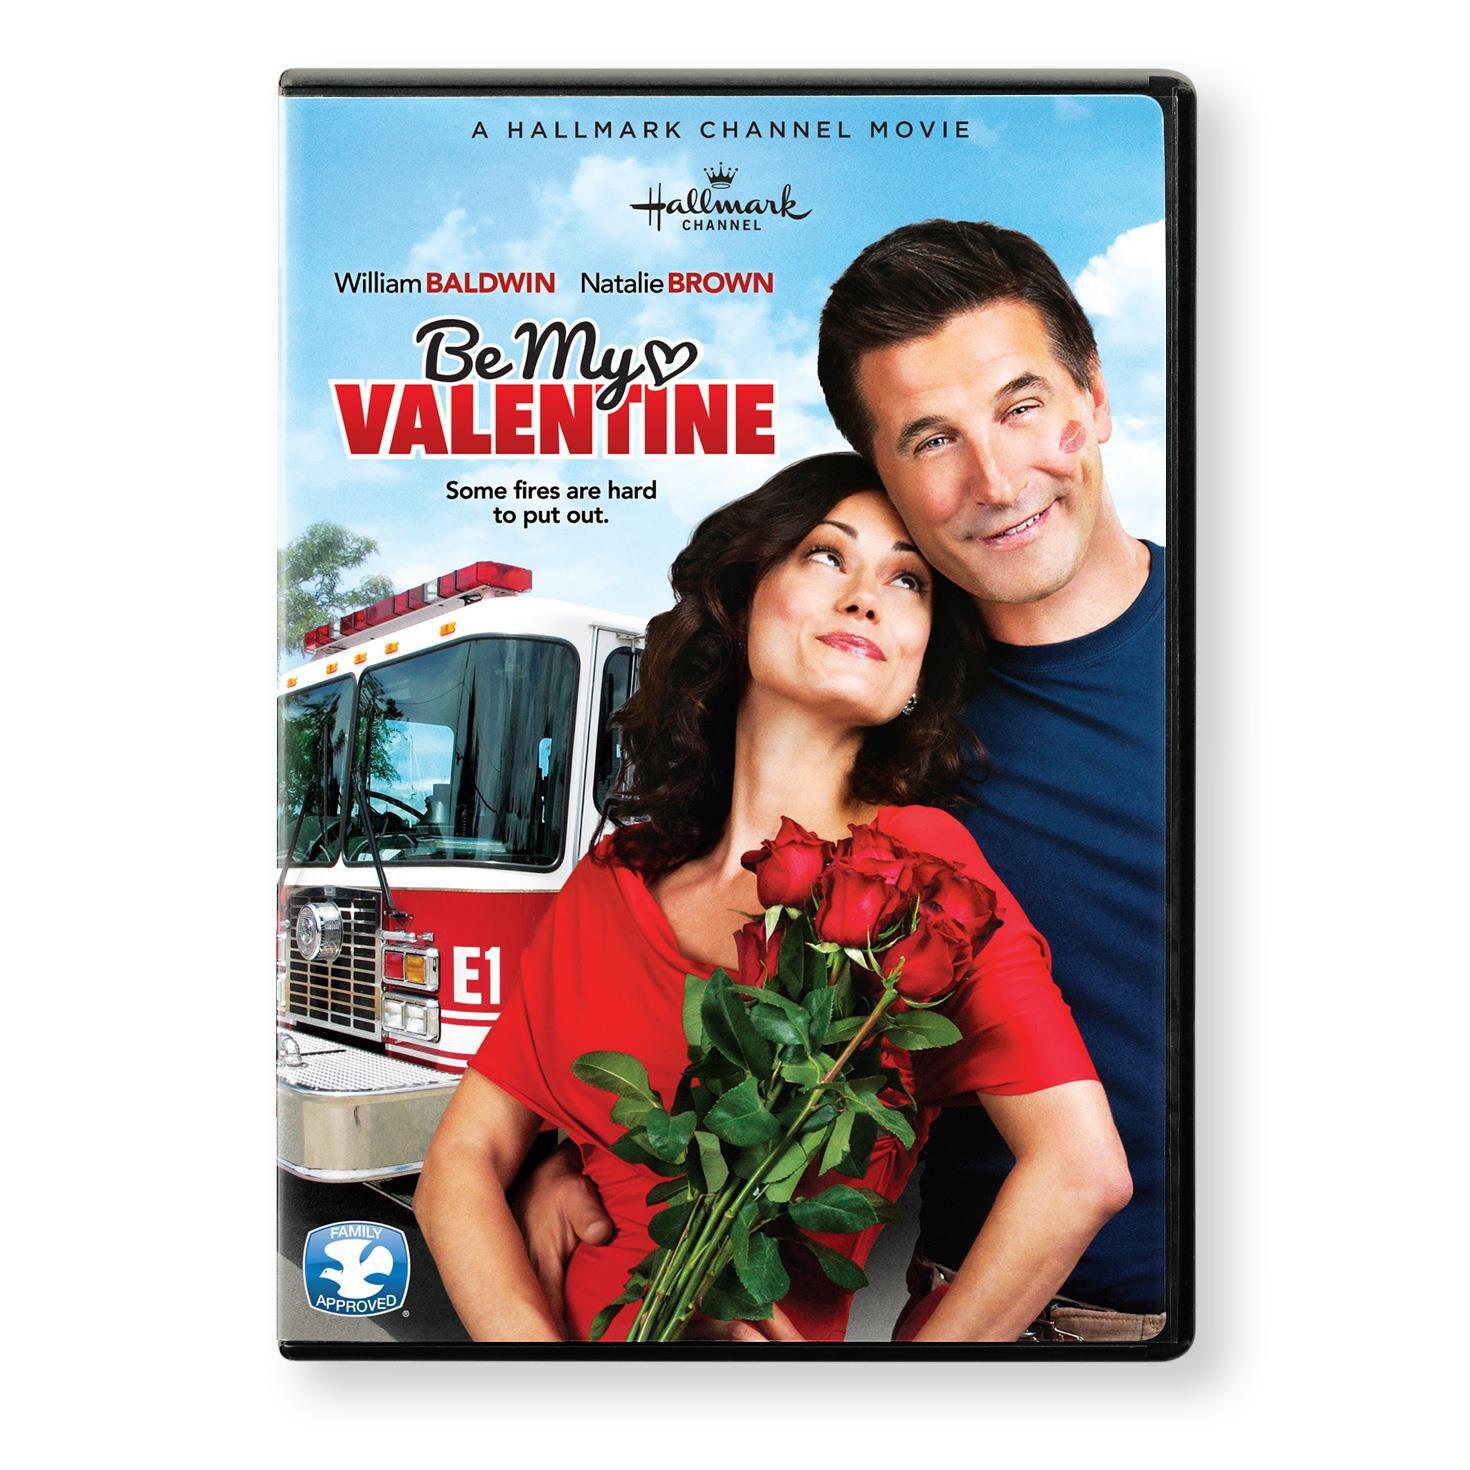 Be My Valentine Hallmark Channel Movie DVD